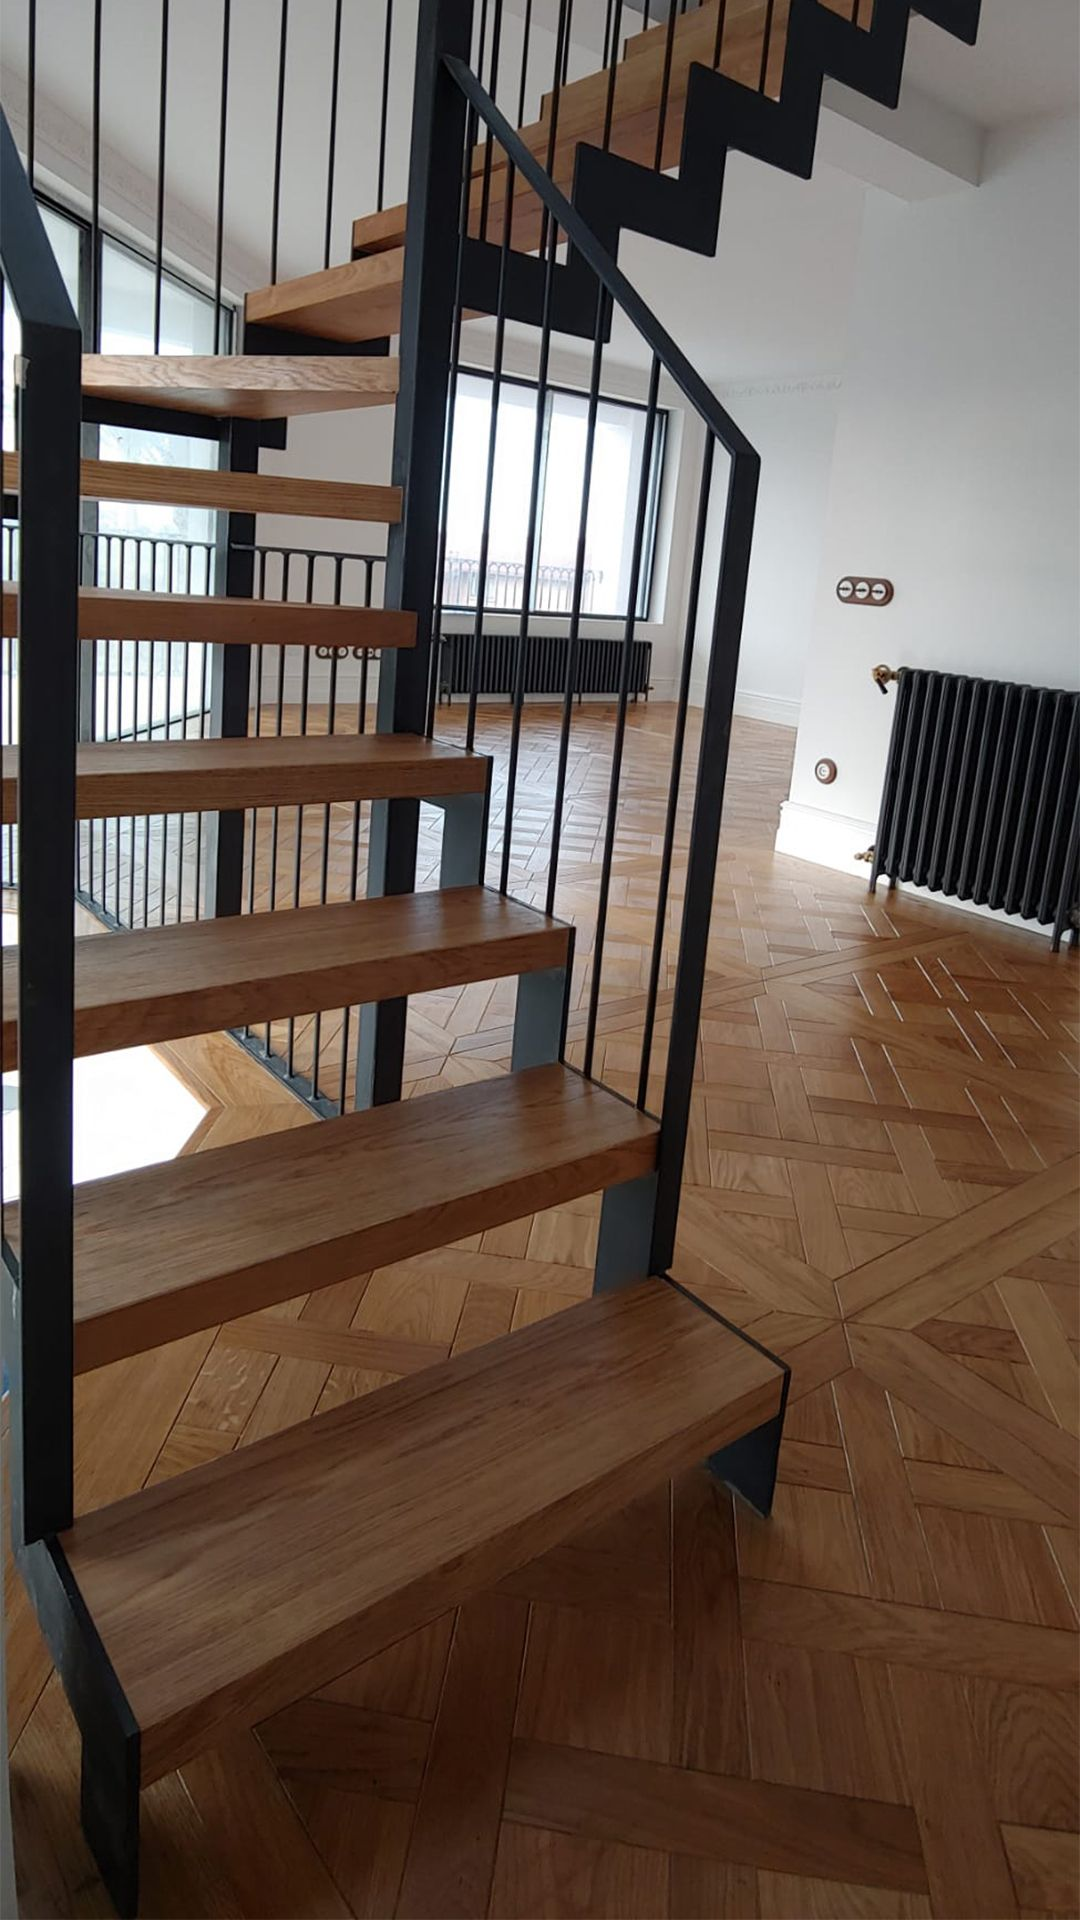 Suelo de parquet combinado con escalera